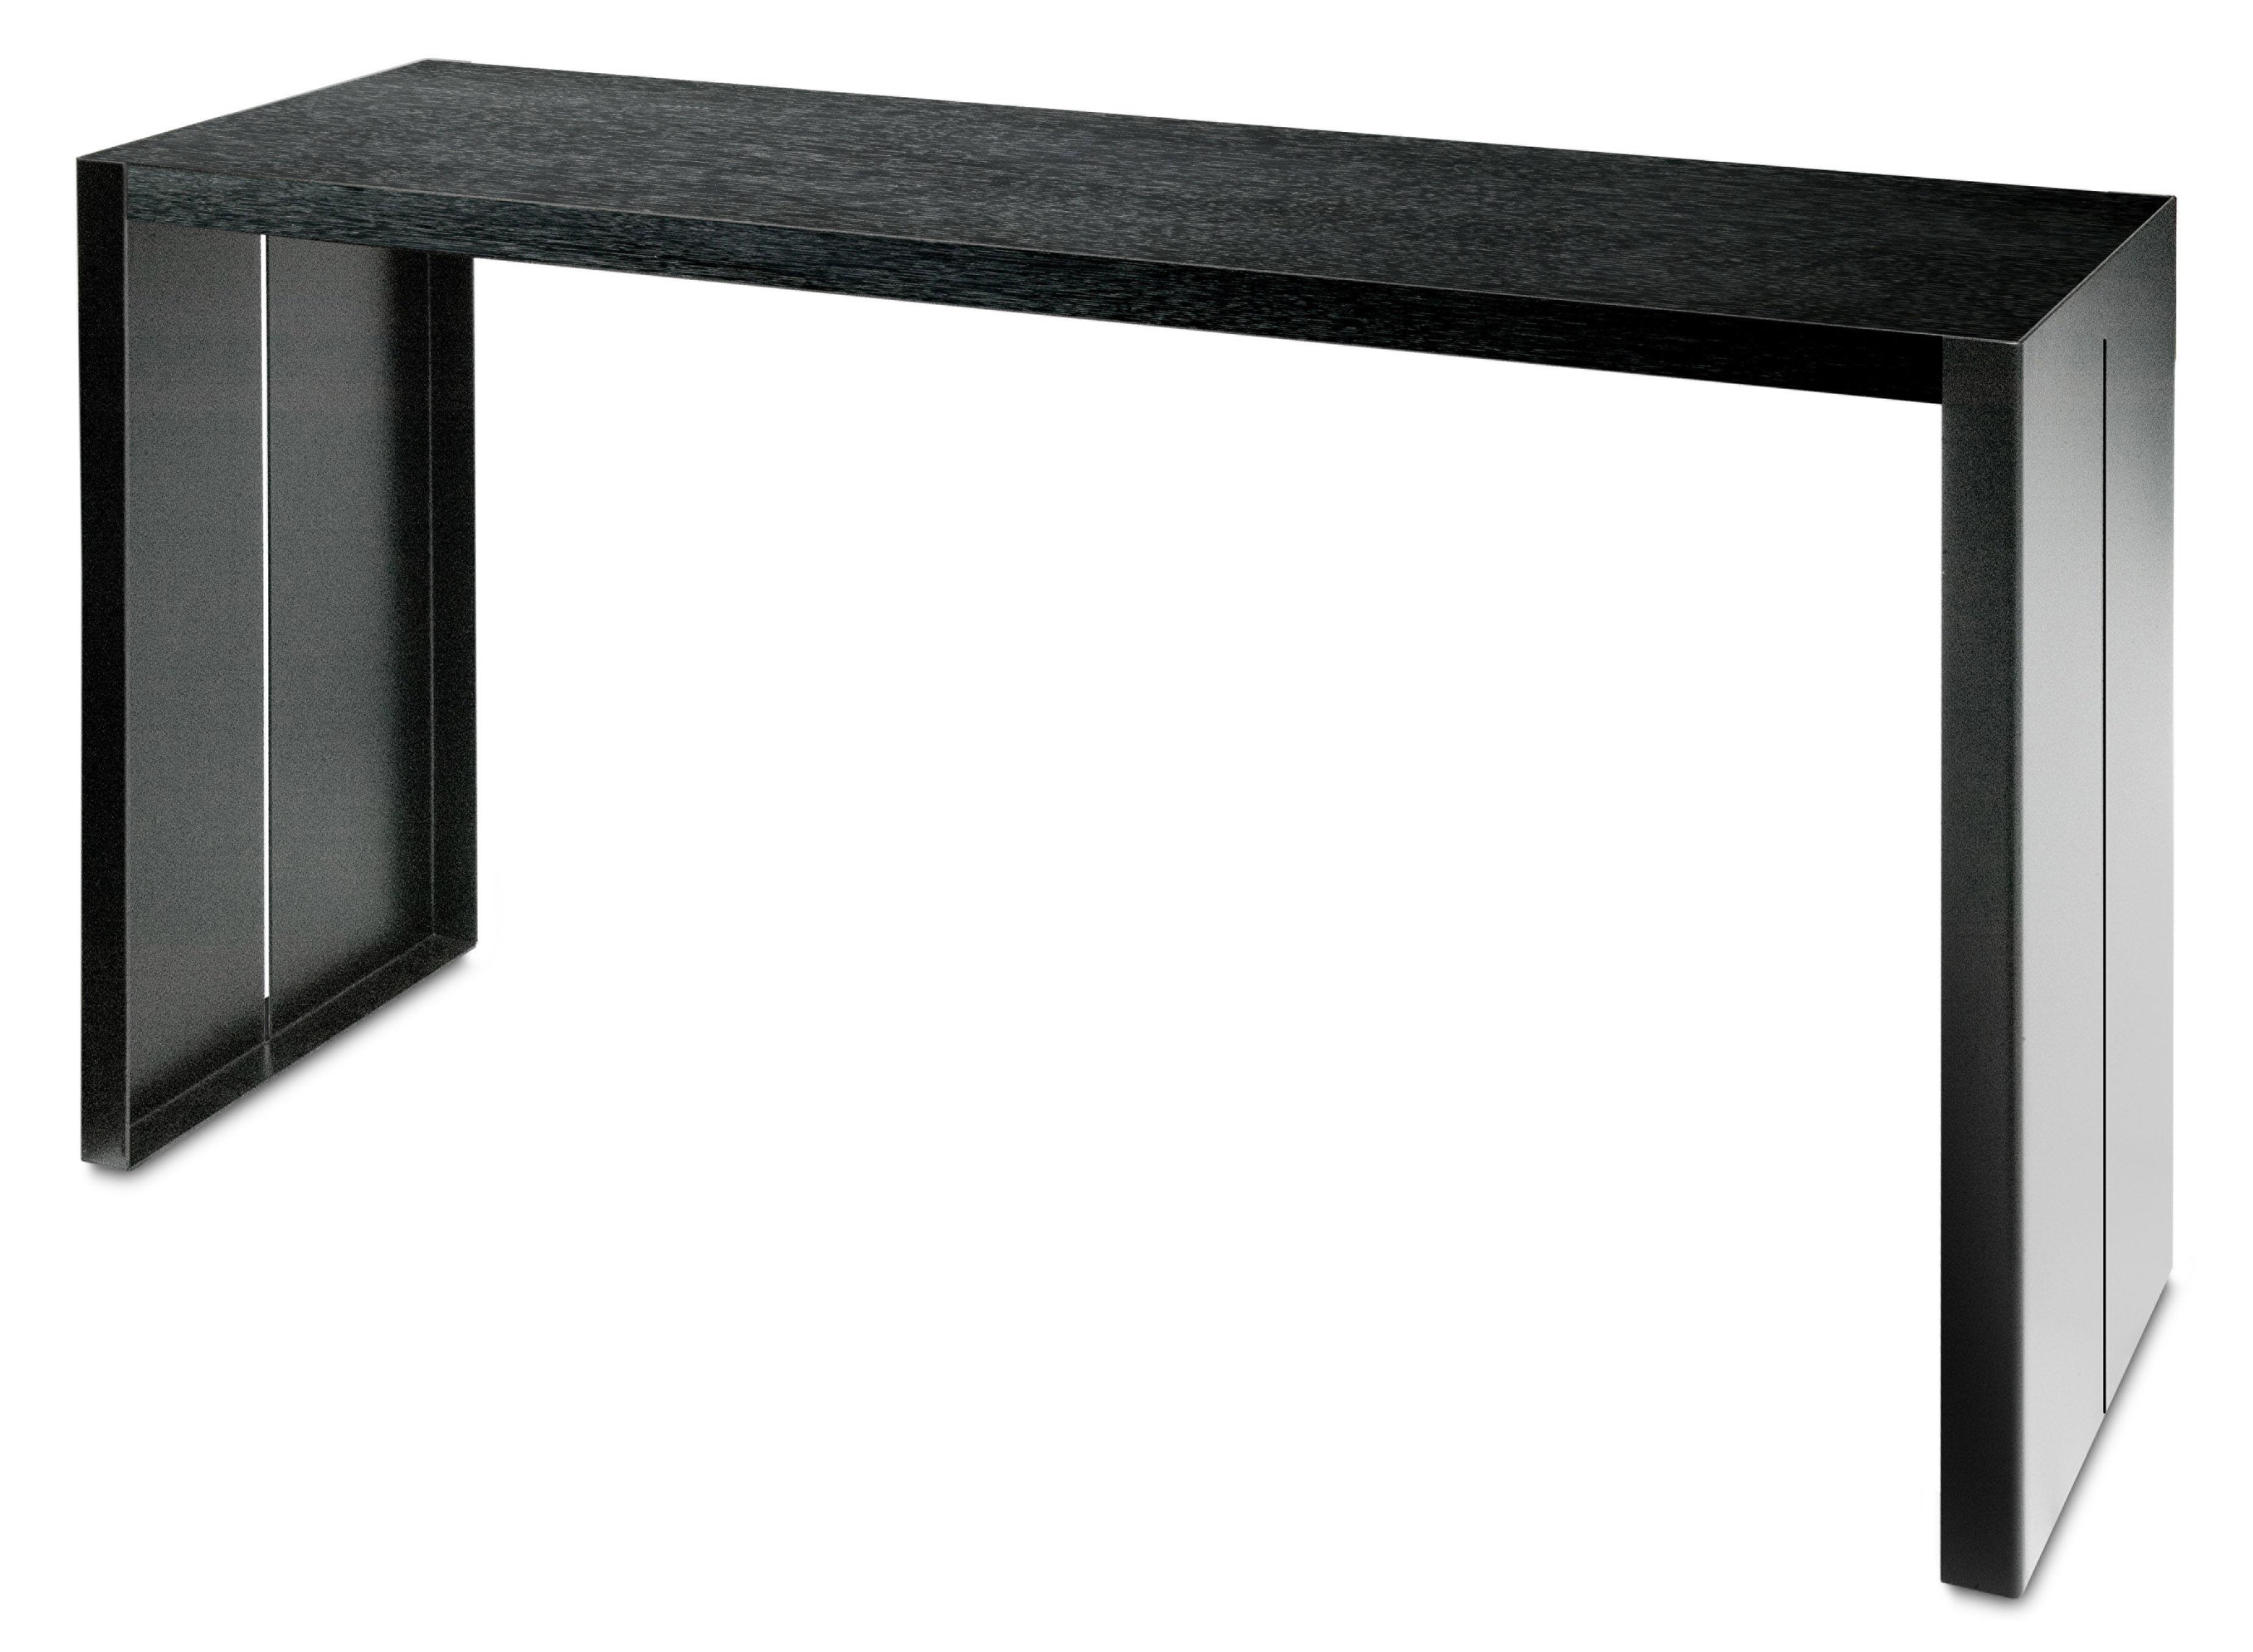 Tavolo Alto Per Cucina : Scopri tavolo alto panco h cm nero l cm di la palma